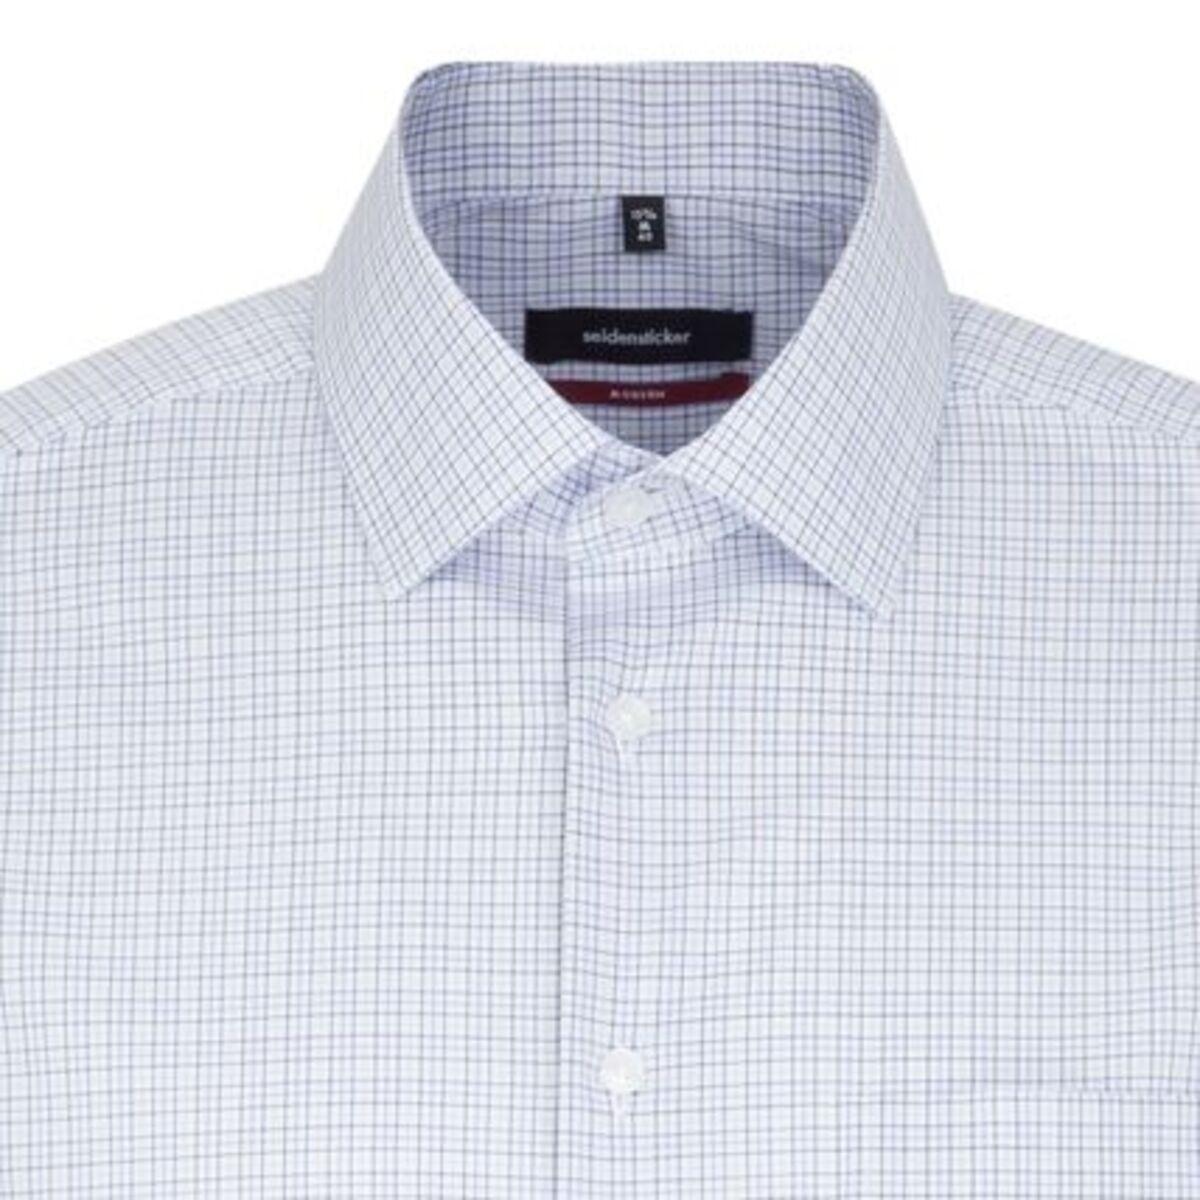 Bild 2 von Seidensticker Business Hemd Modern Kurzarm Kent-Kragen Karo, blau